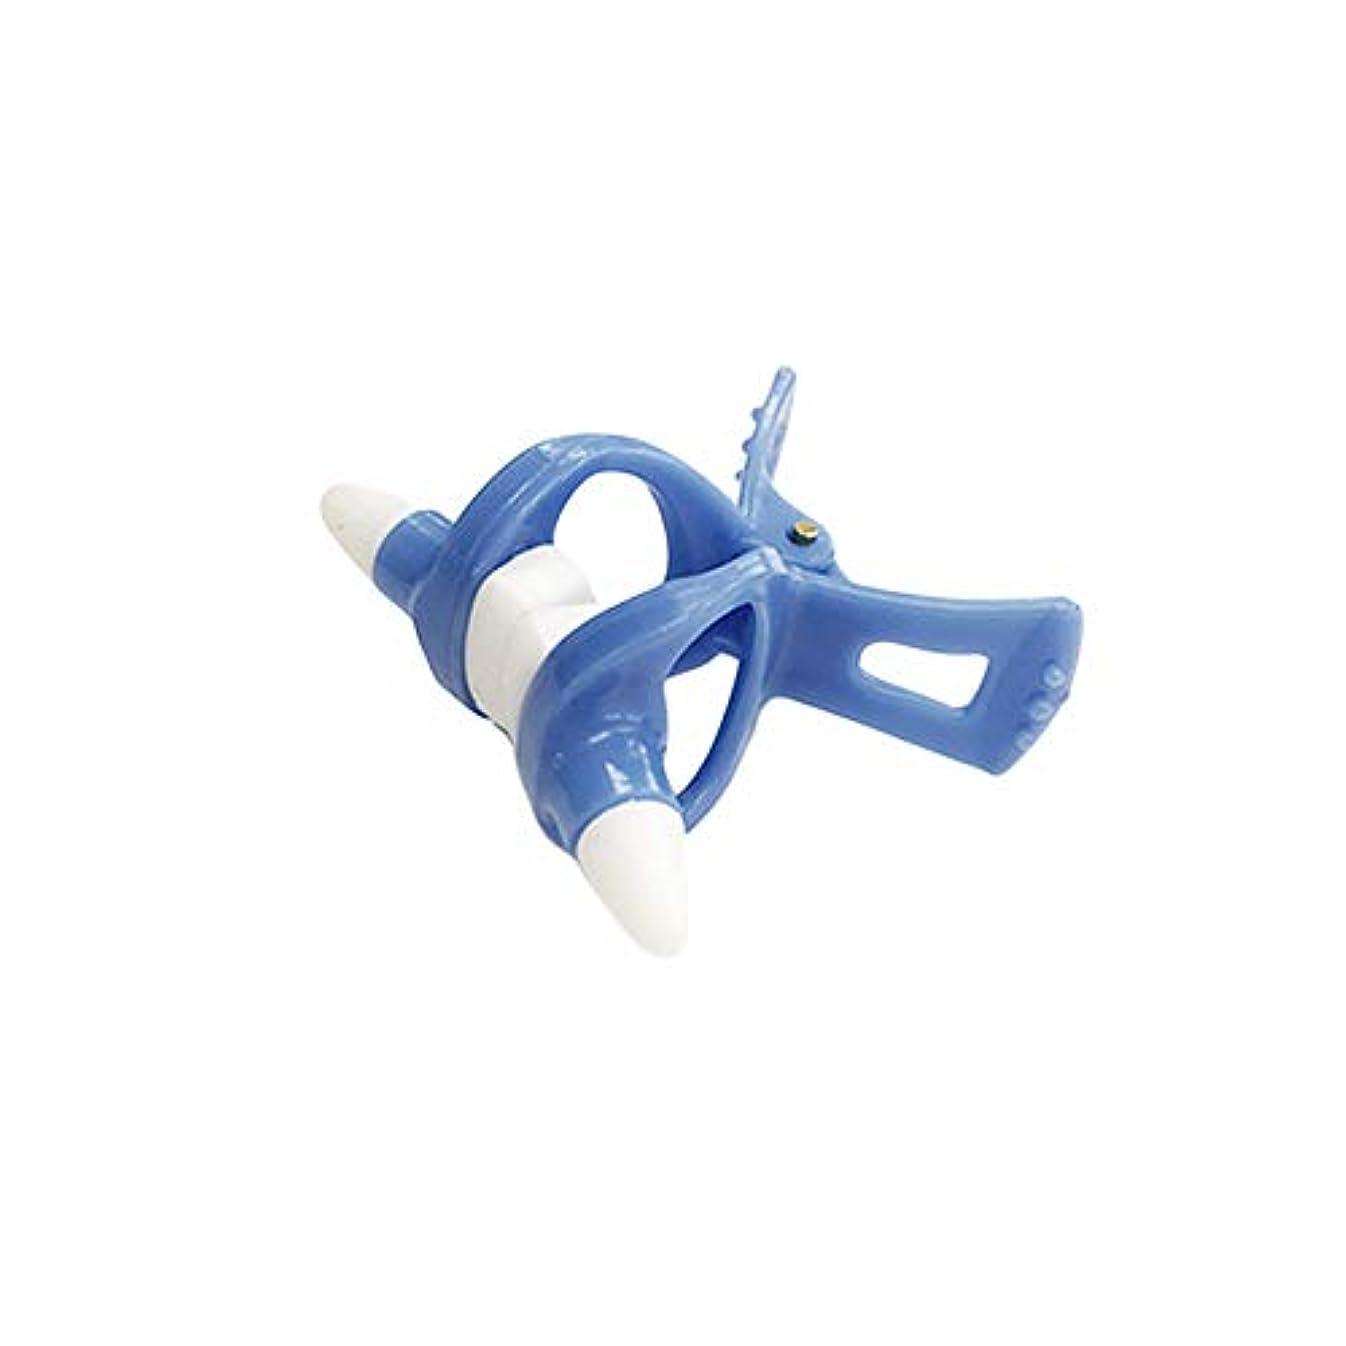 素晴らしい良い多くのモネレーダー[jolifavori]鼻を高くするための矯正クリップ 鼻高々ノーズアップ 美容グッズ